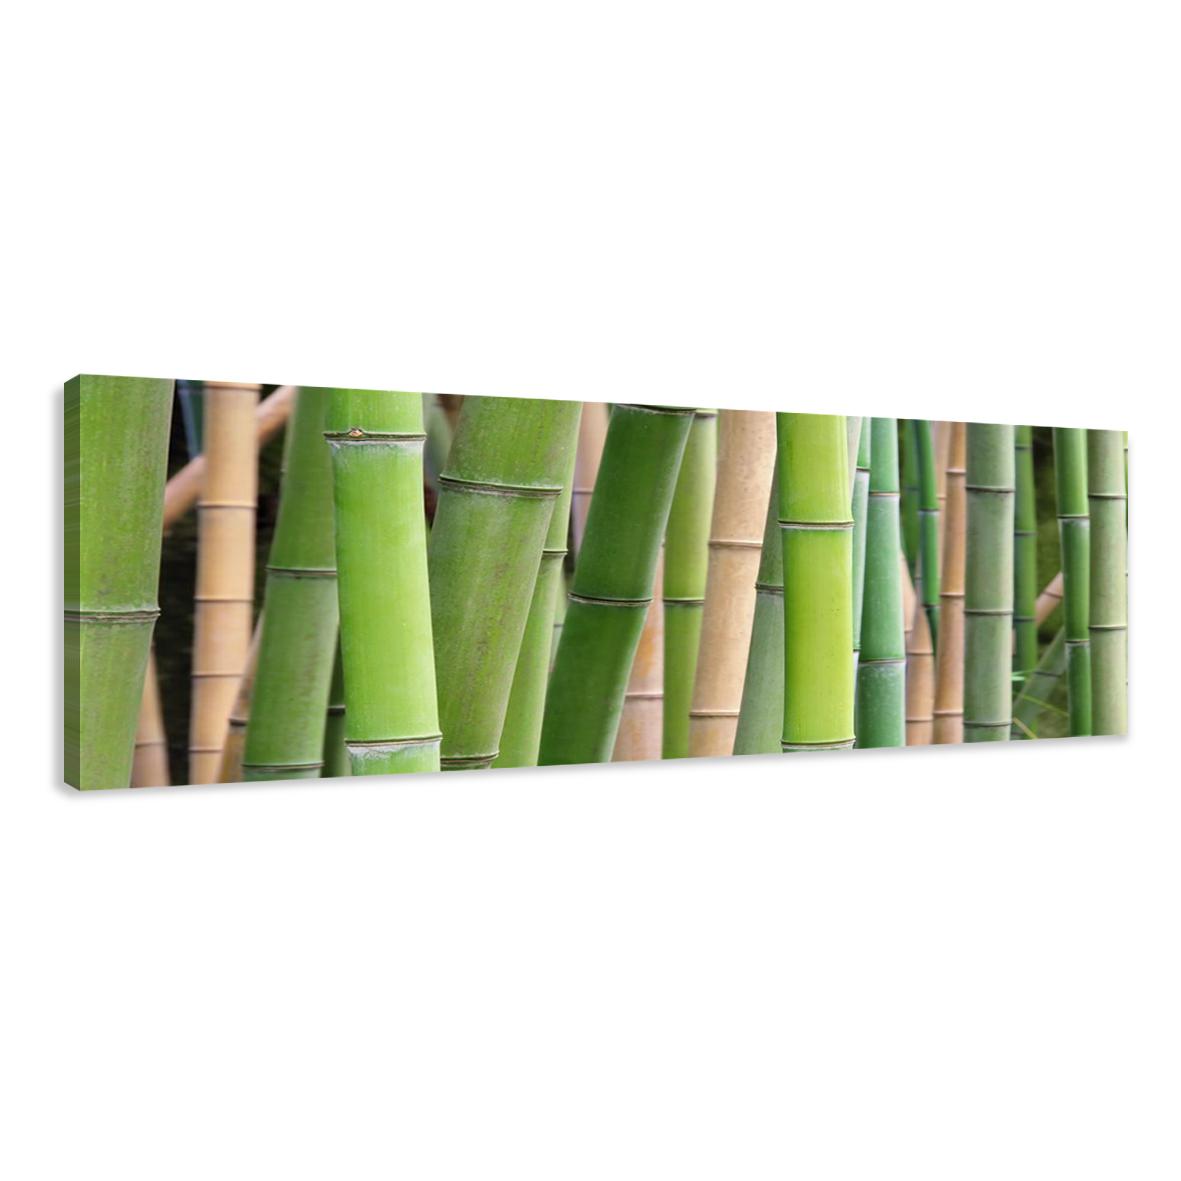 visario bild auf leinwand markenware bambus 120cm xxl 1 5705 ebay. Black Bedroom Furniture Sets. Home Design Ideas